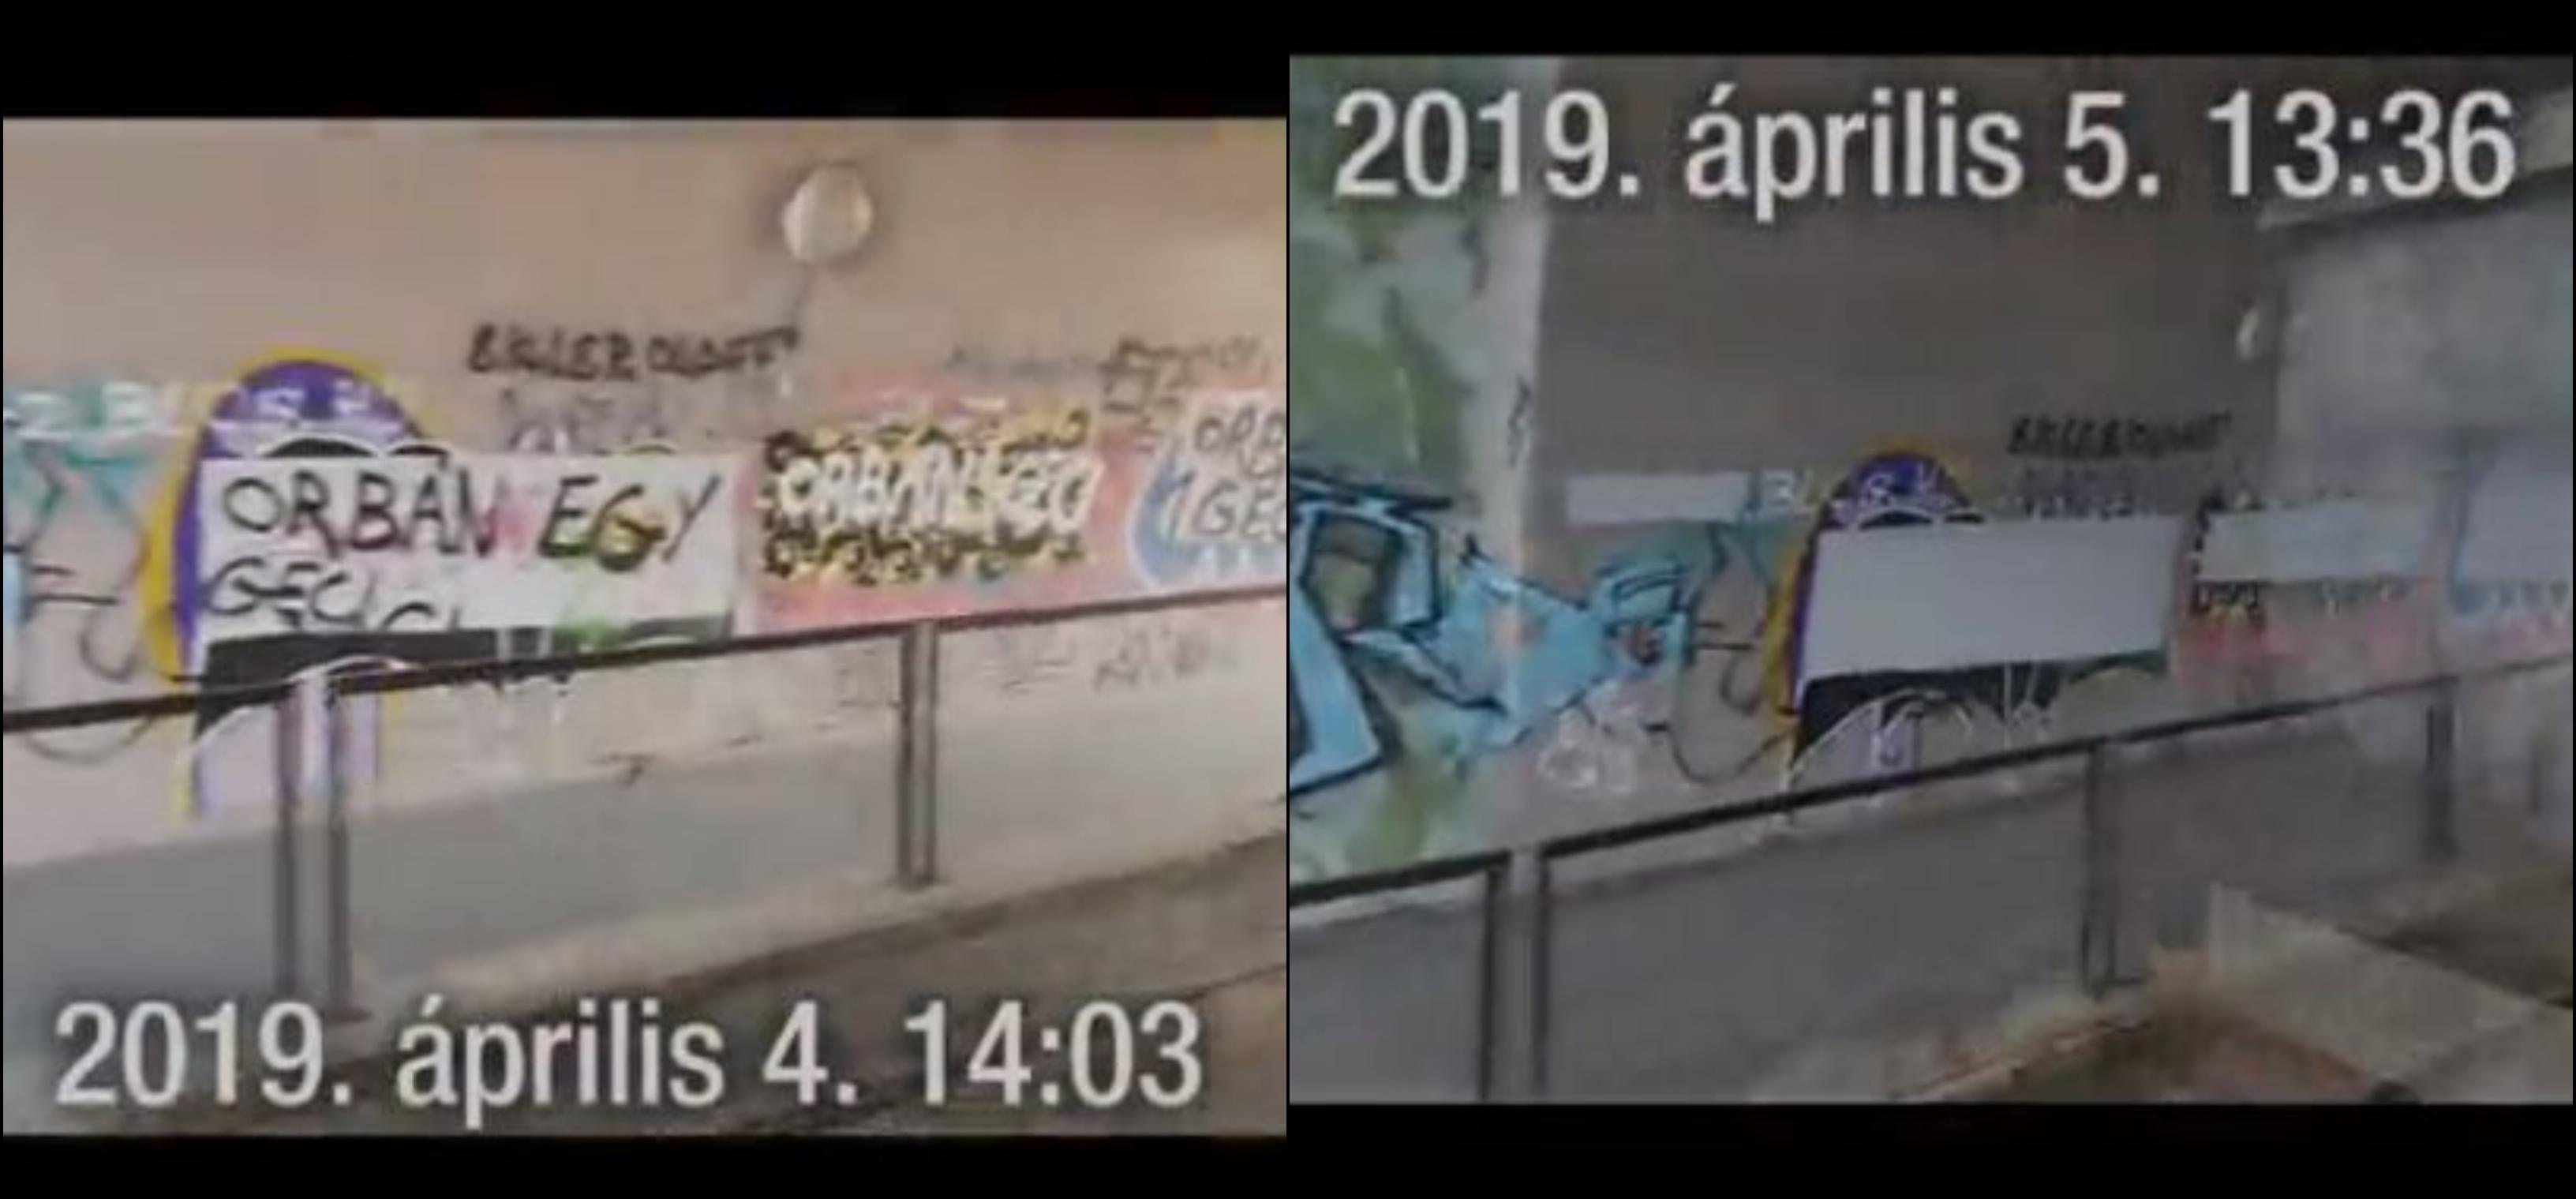 Lefegyverző oknyomozó videó készült a kizárólag az O1G-feliratokat eltüntető szorgos kezek munkájáról